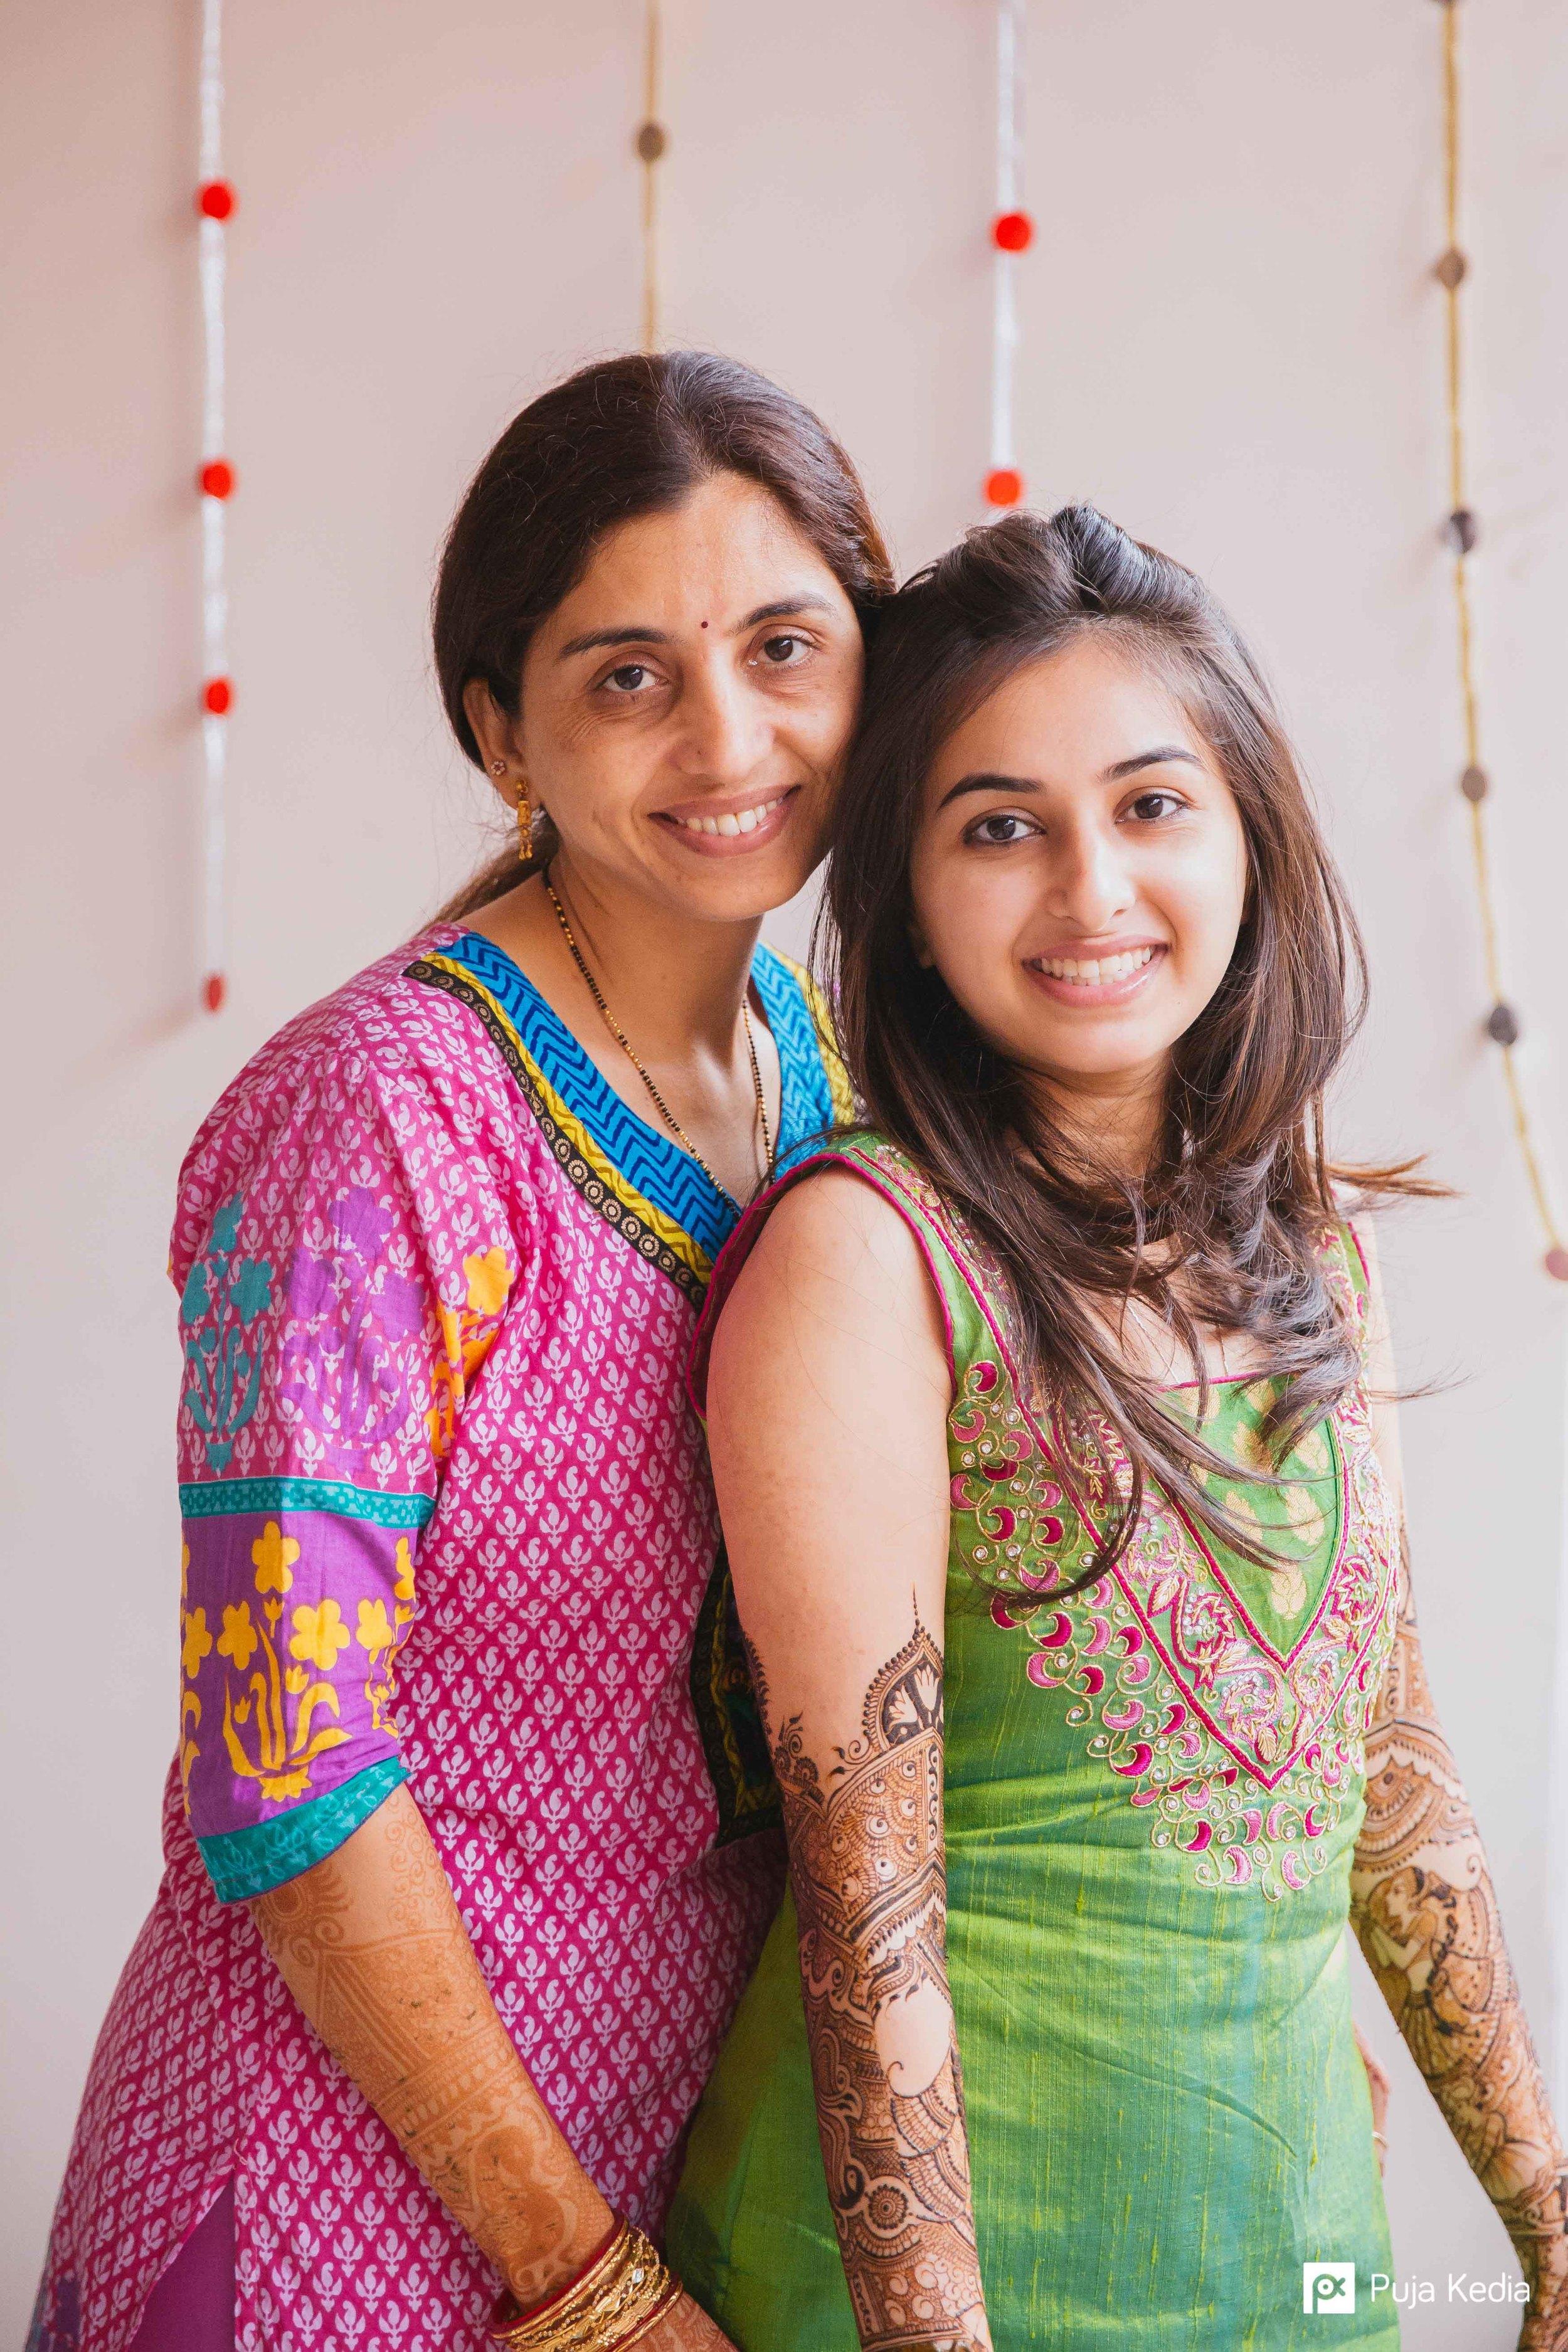 PujaKedia_WeddingPhotography-16.jpg